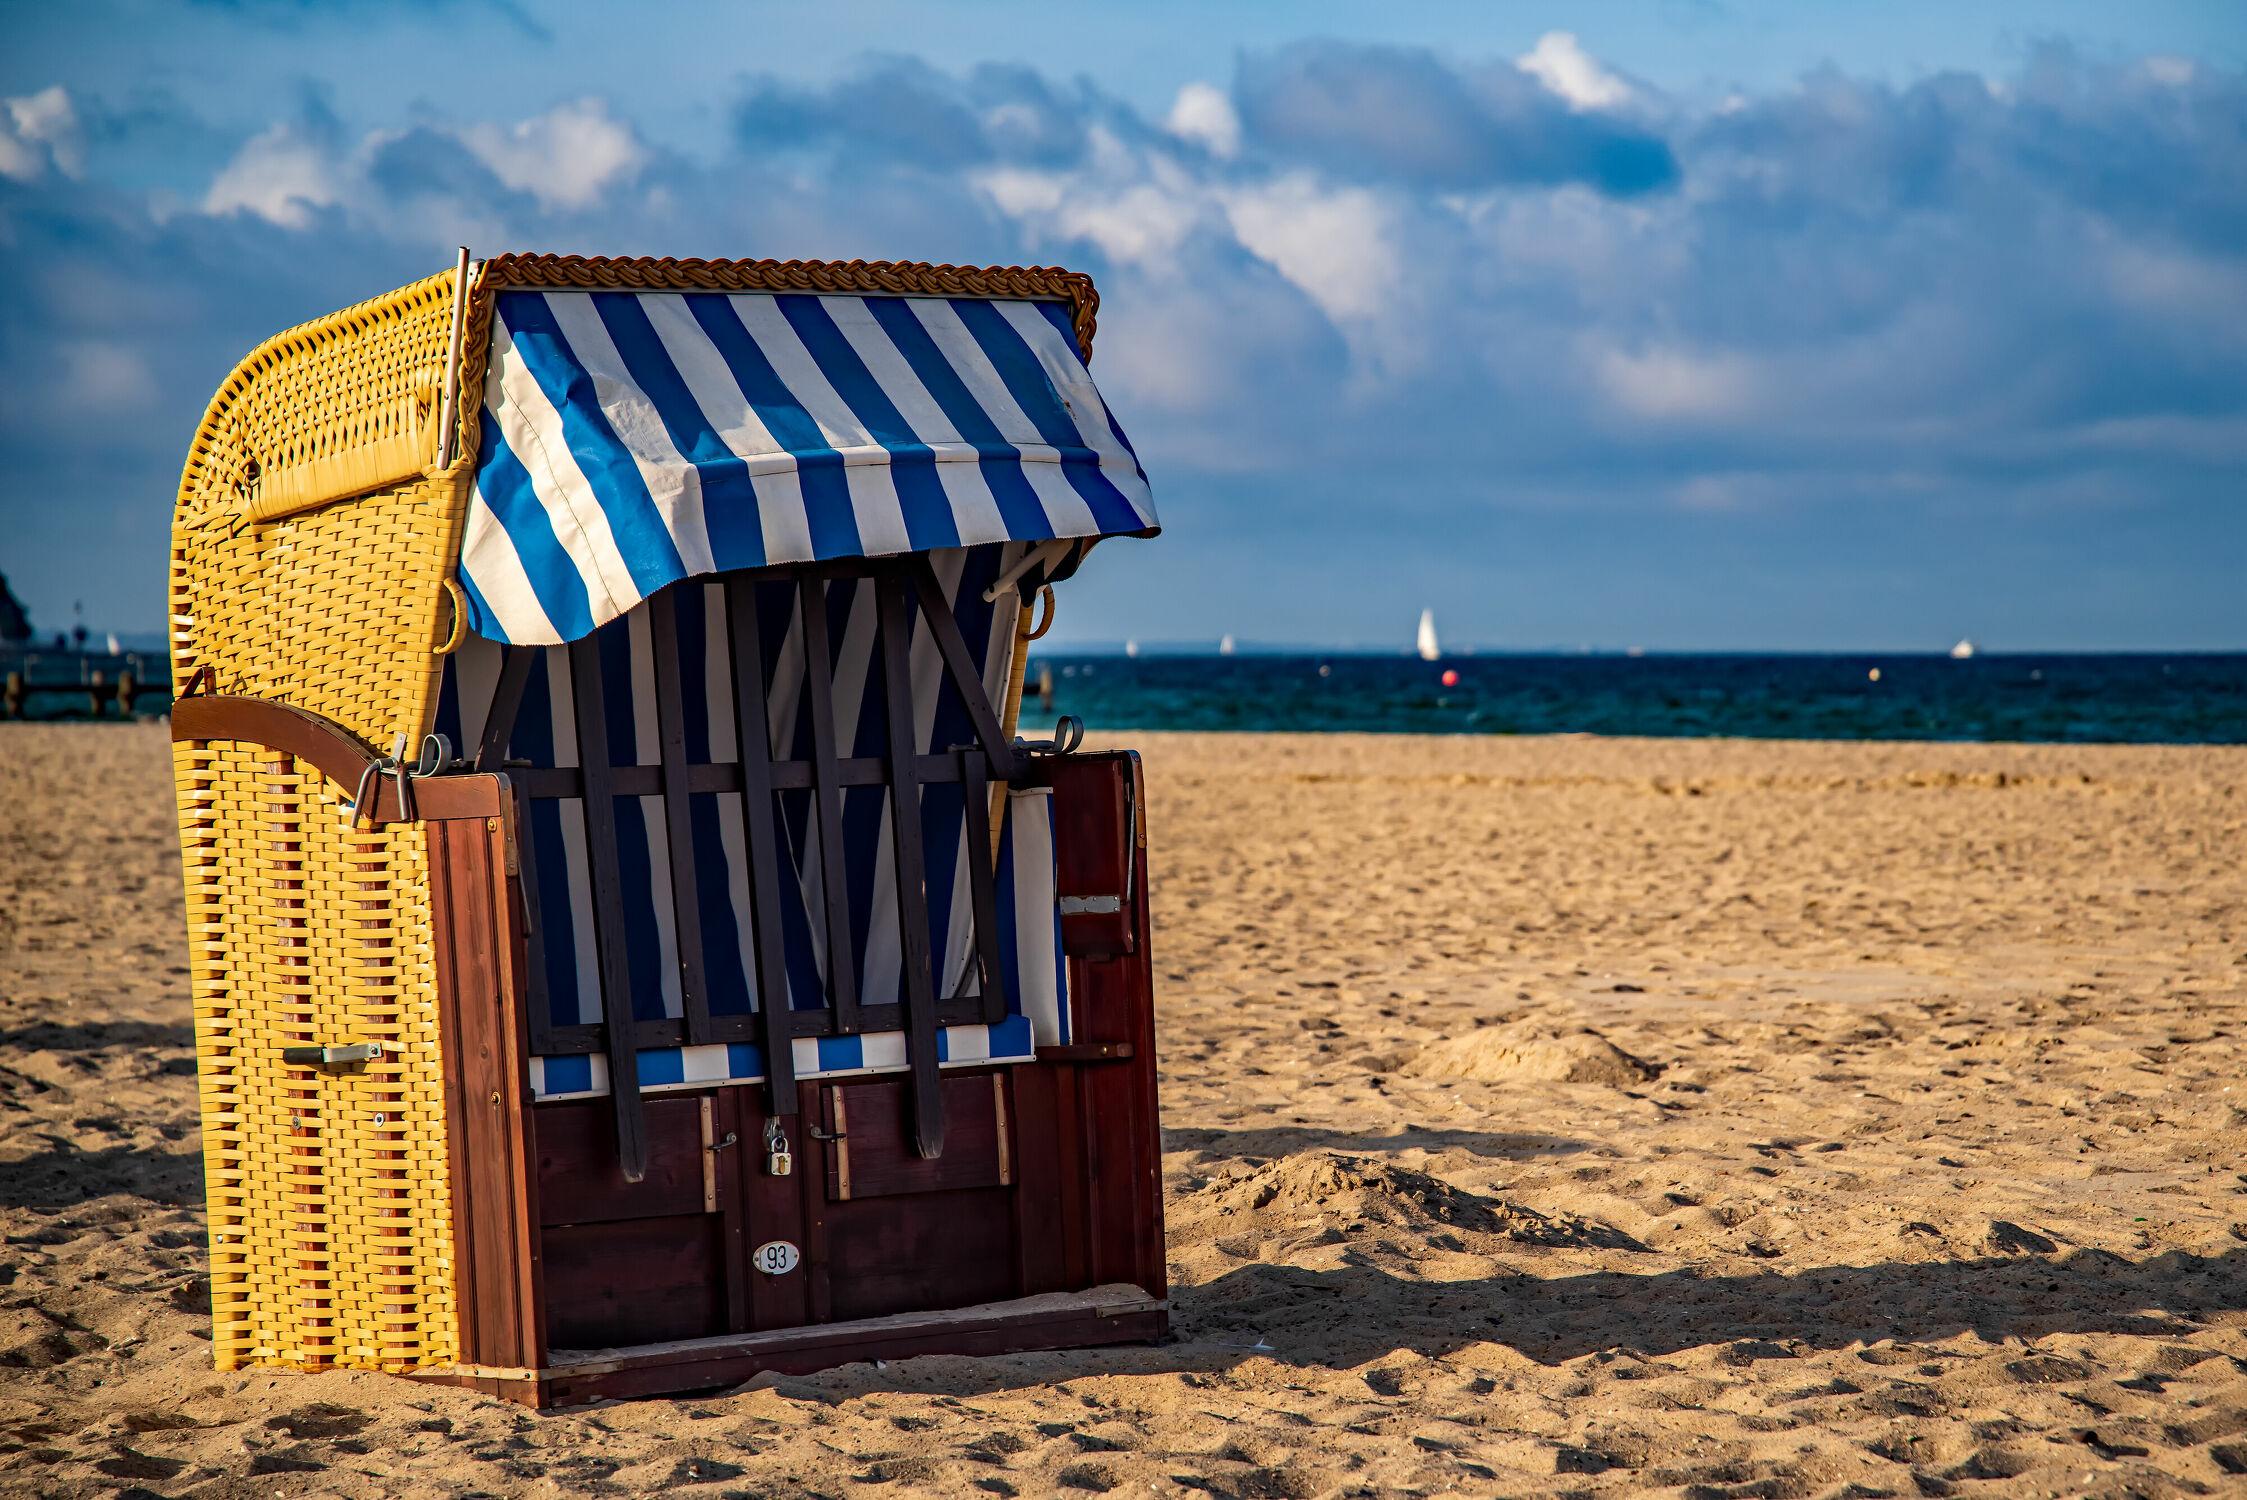 Bild mit Weiß, Rot, Sand, Urlaub, Blau, Strand, Strandkörbe, Ostsee, Küste, Bunt